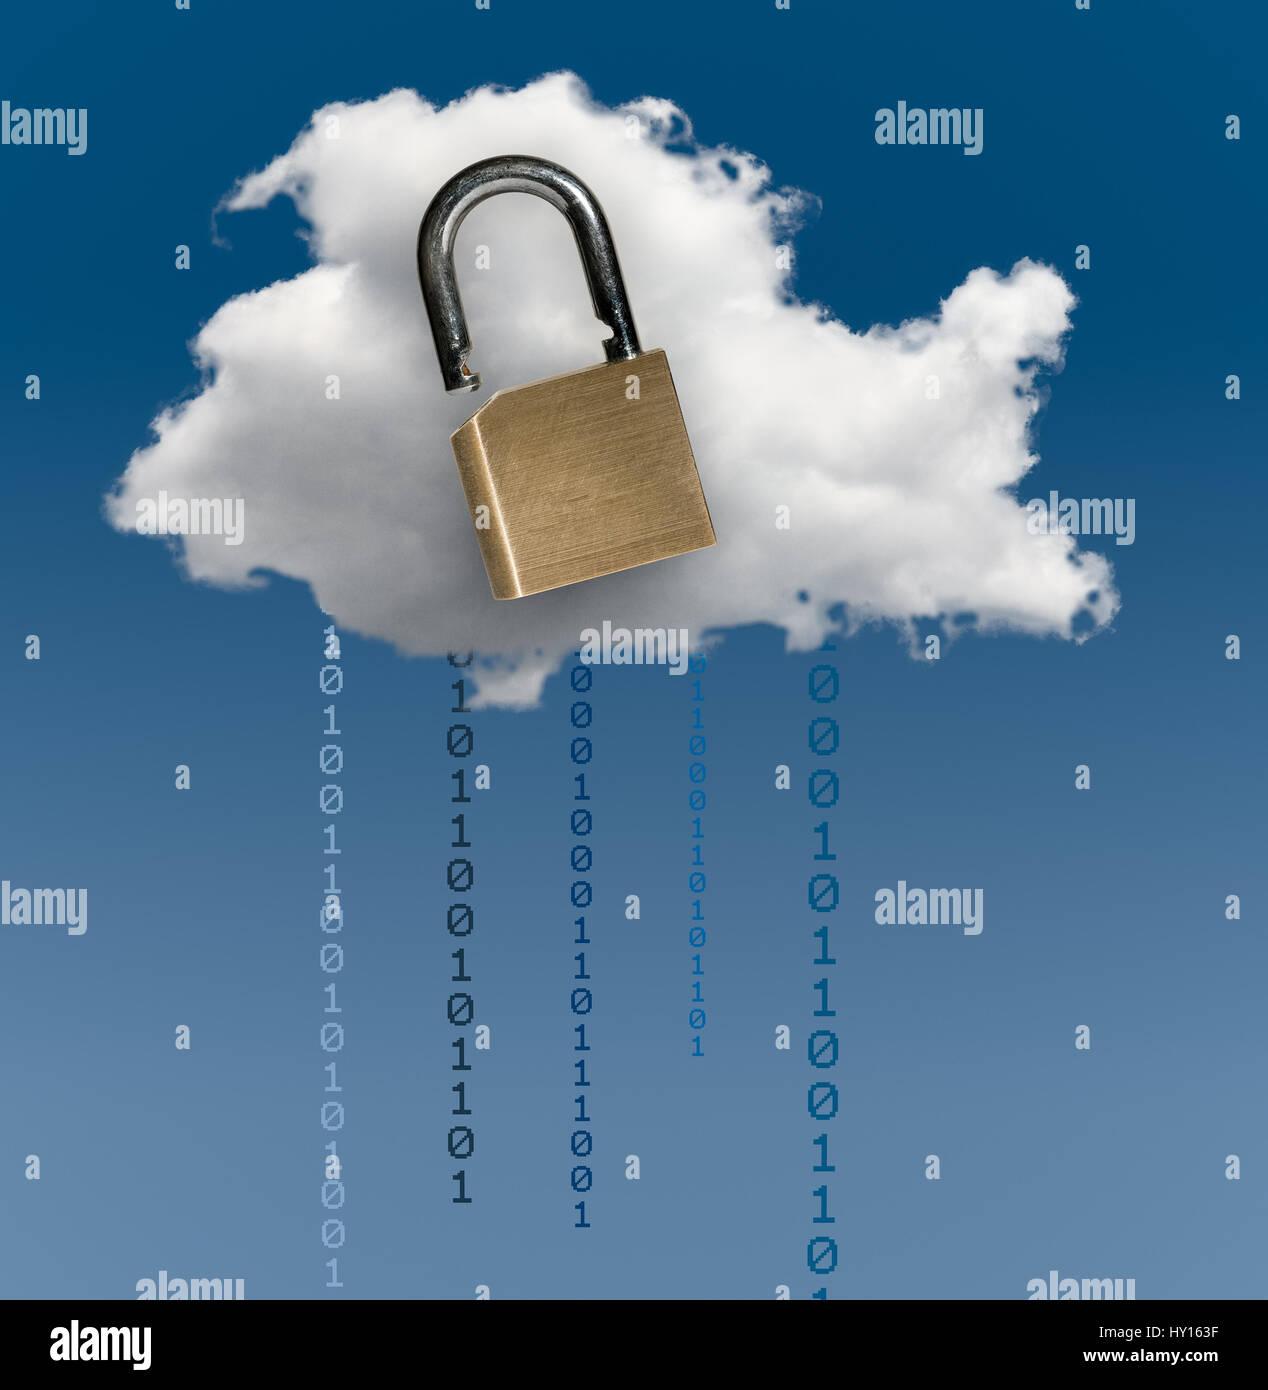 Imagen concepto de cloud computing la delincuencia cibernética seguridad y aplicaciones seguras en línea Imagen De Stock